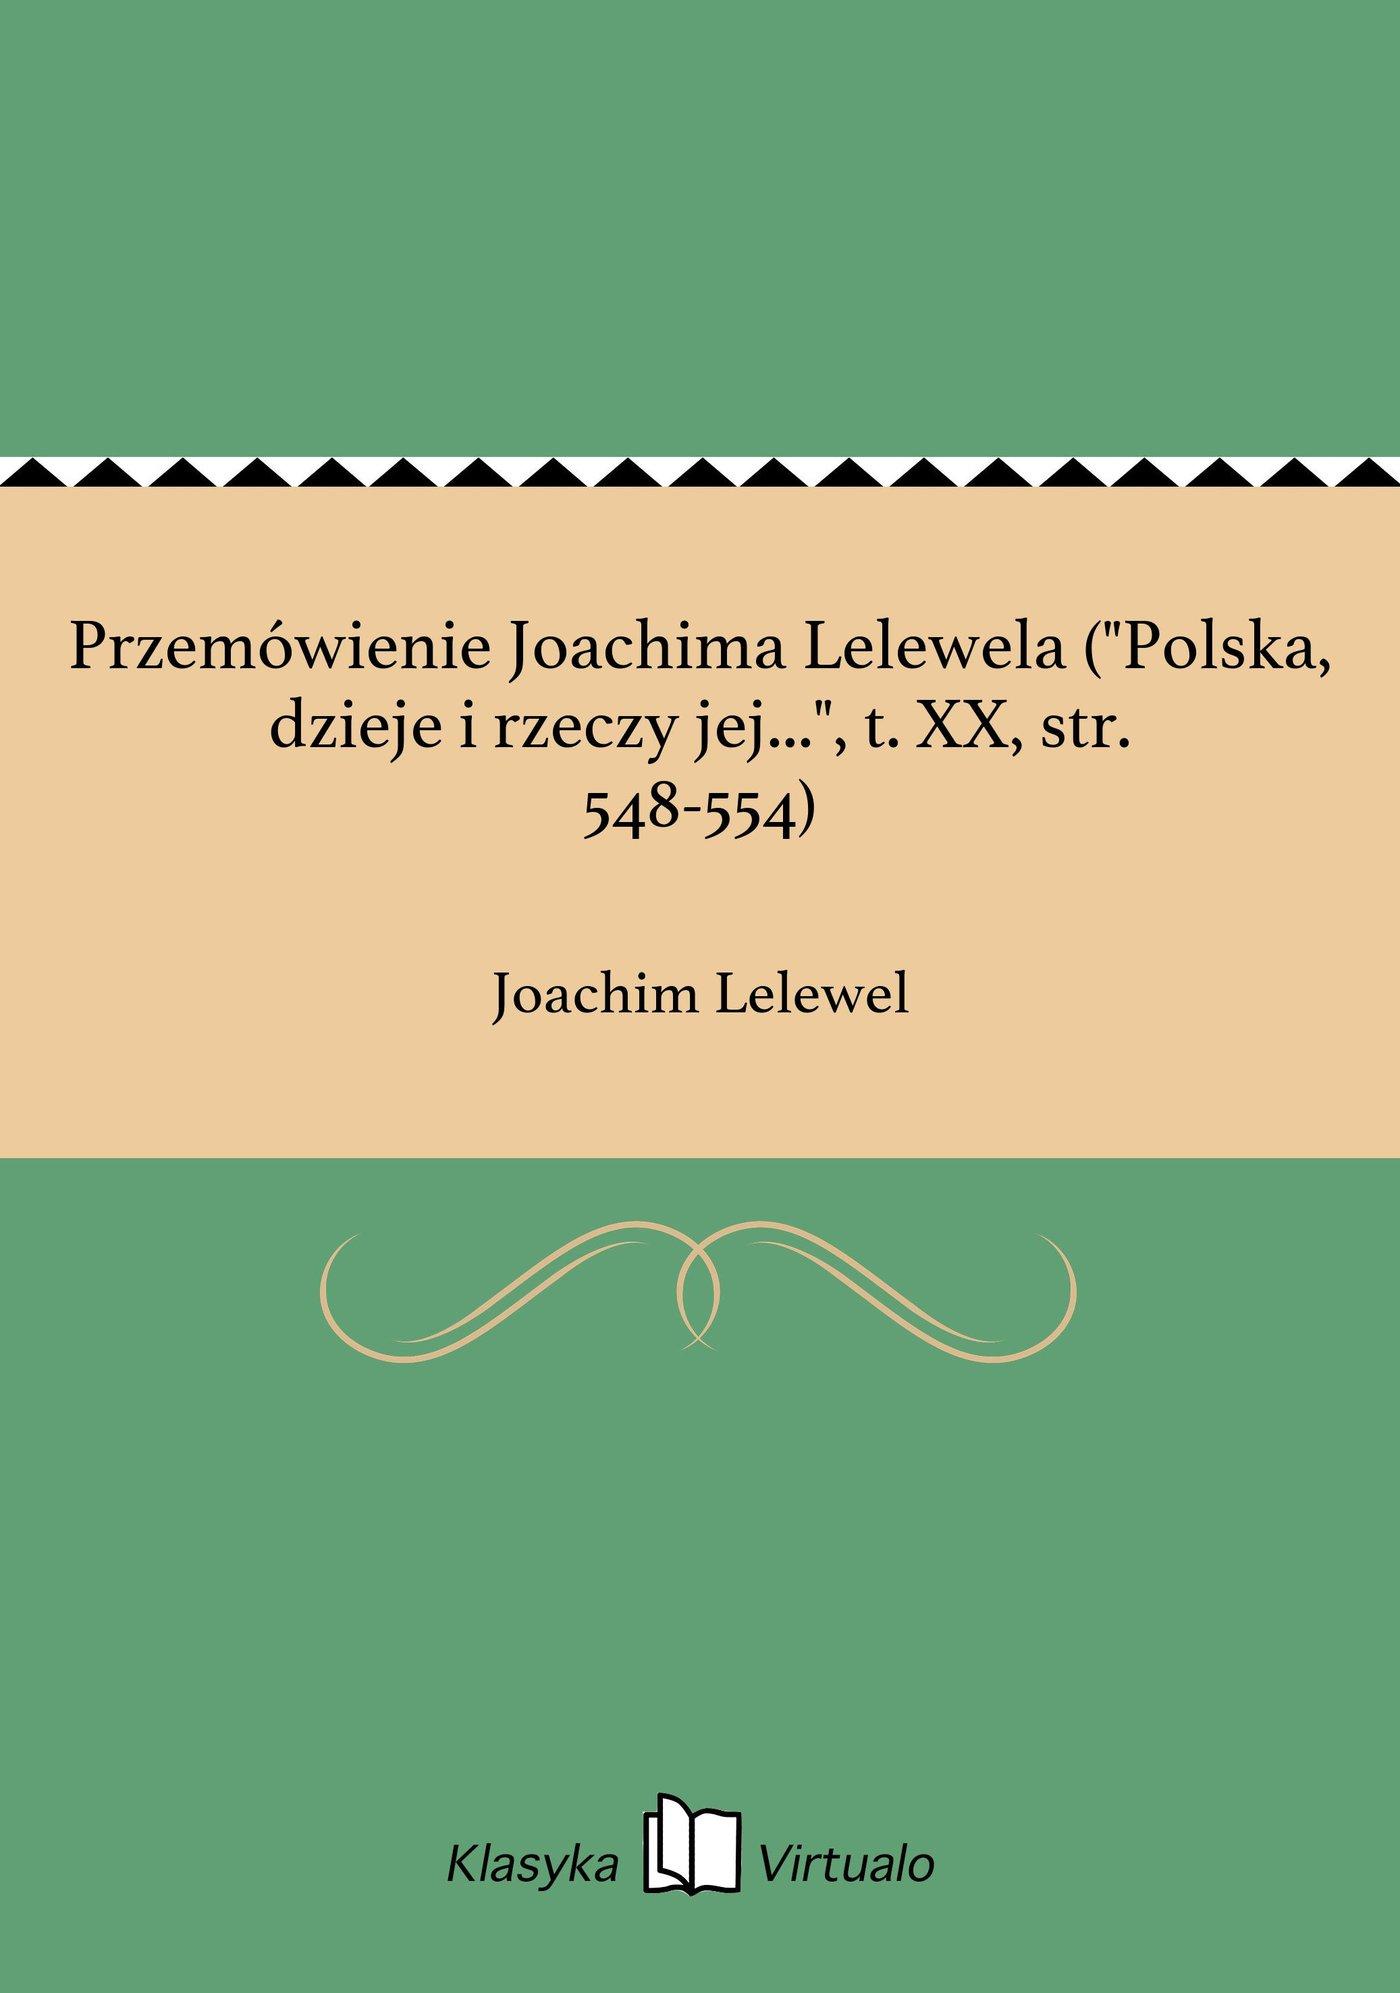 """Przemówienie Joachima Lelewela (""""Polska, dzieje i rzeczy jej..."""", t. XX, str. 548-554) - Ebook (Książka EPUB) do pobrania w formacie EPUB"""